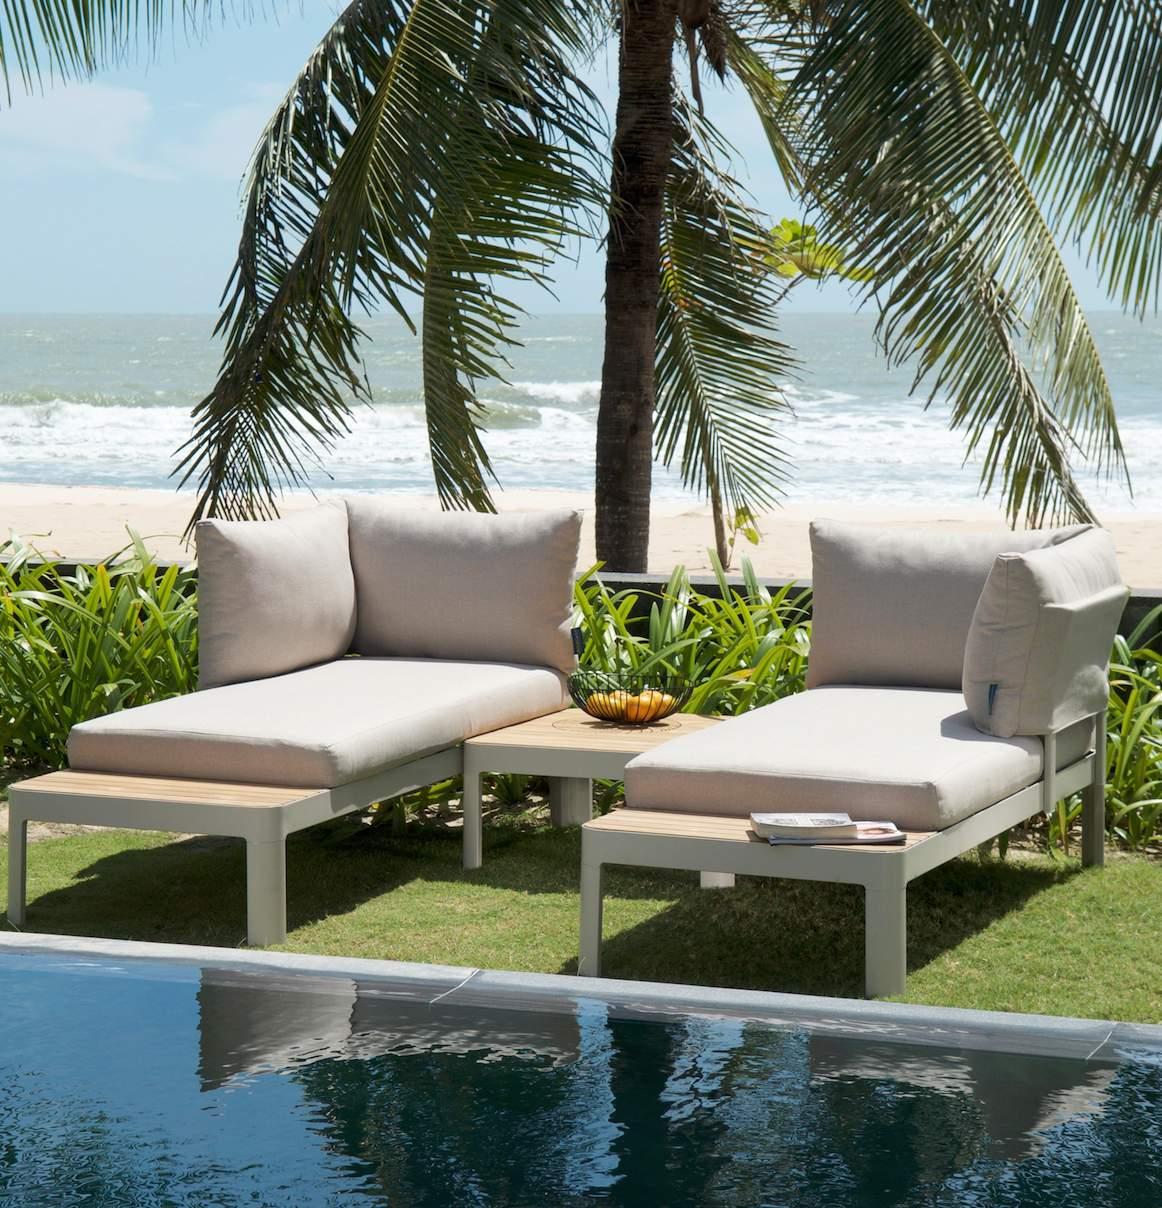 Garten Lounge Holz Schön Gemütliche Gartenlounge Aus Holz Metall Und Textil